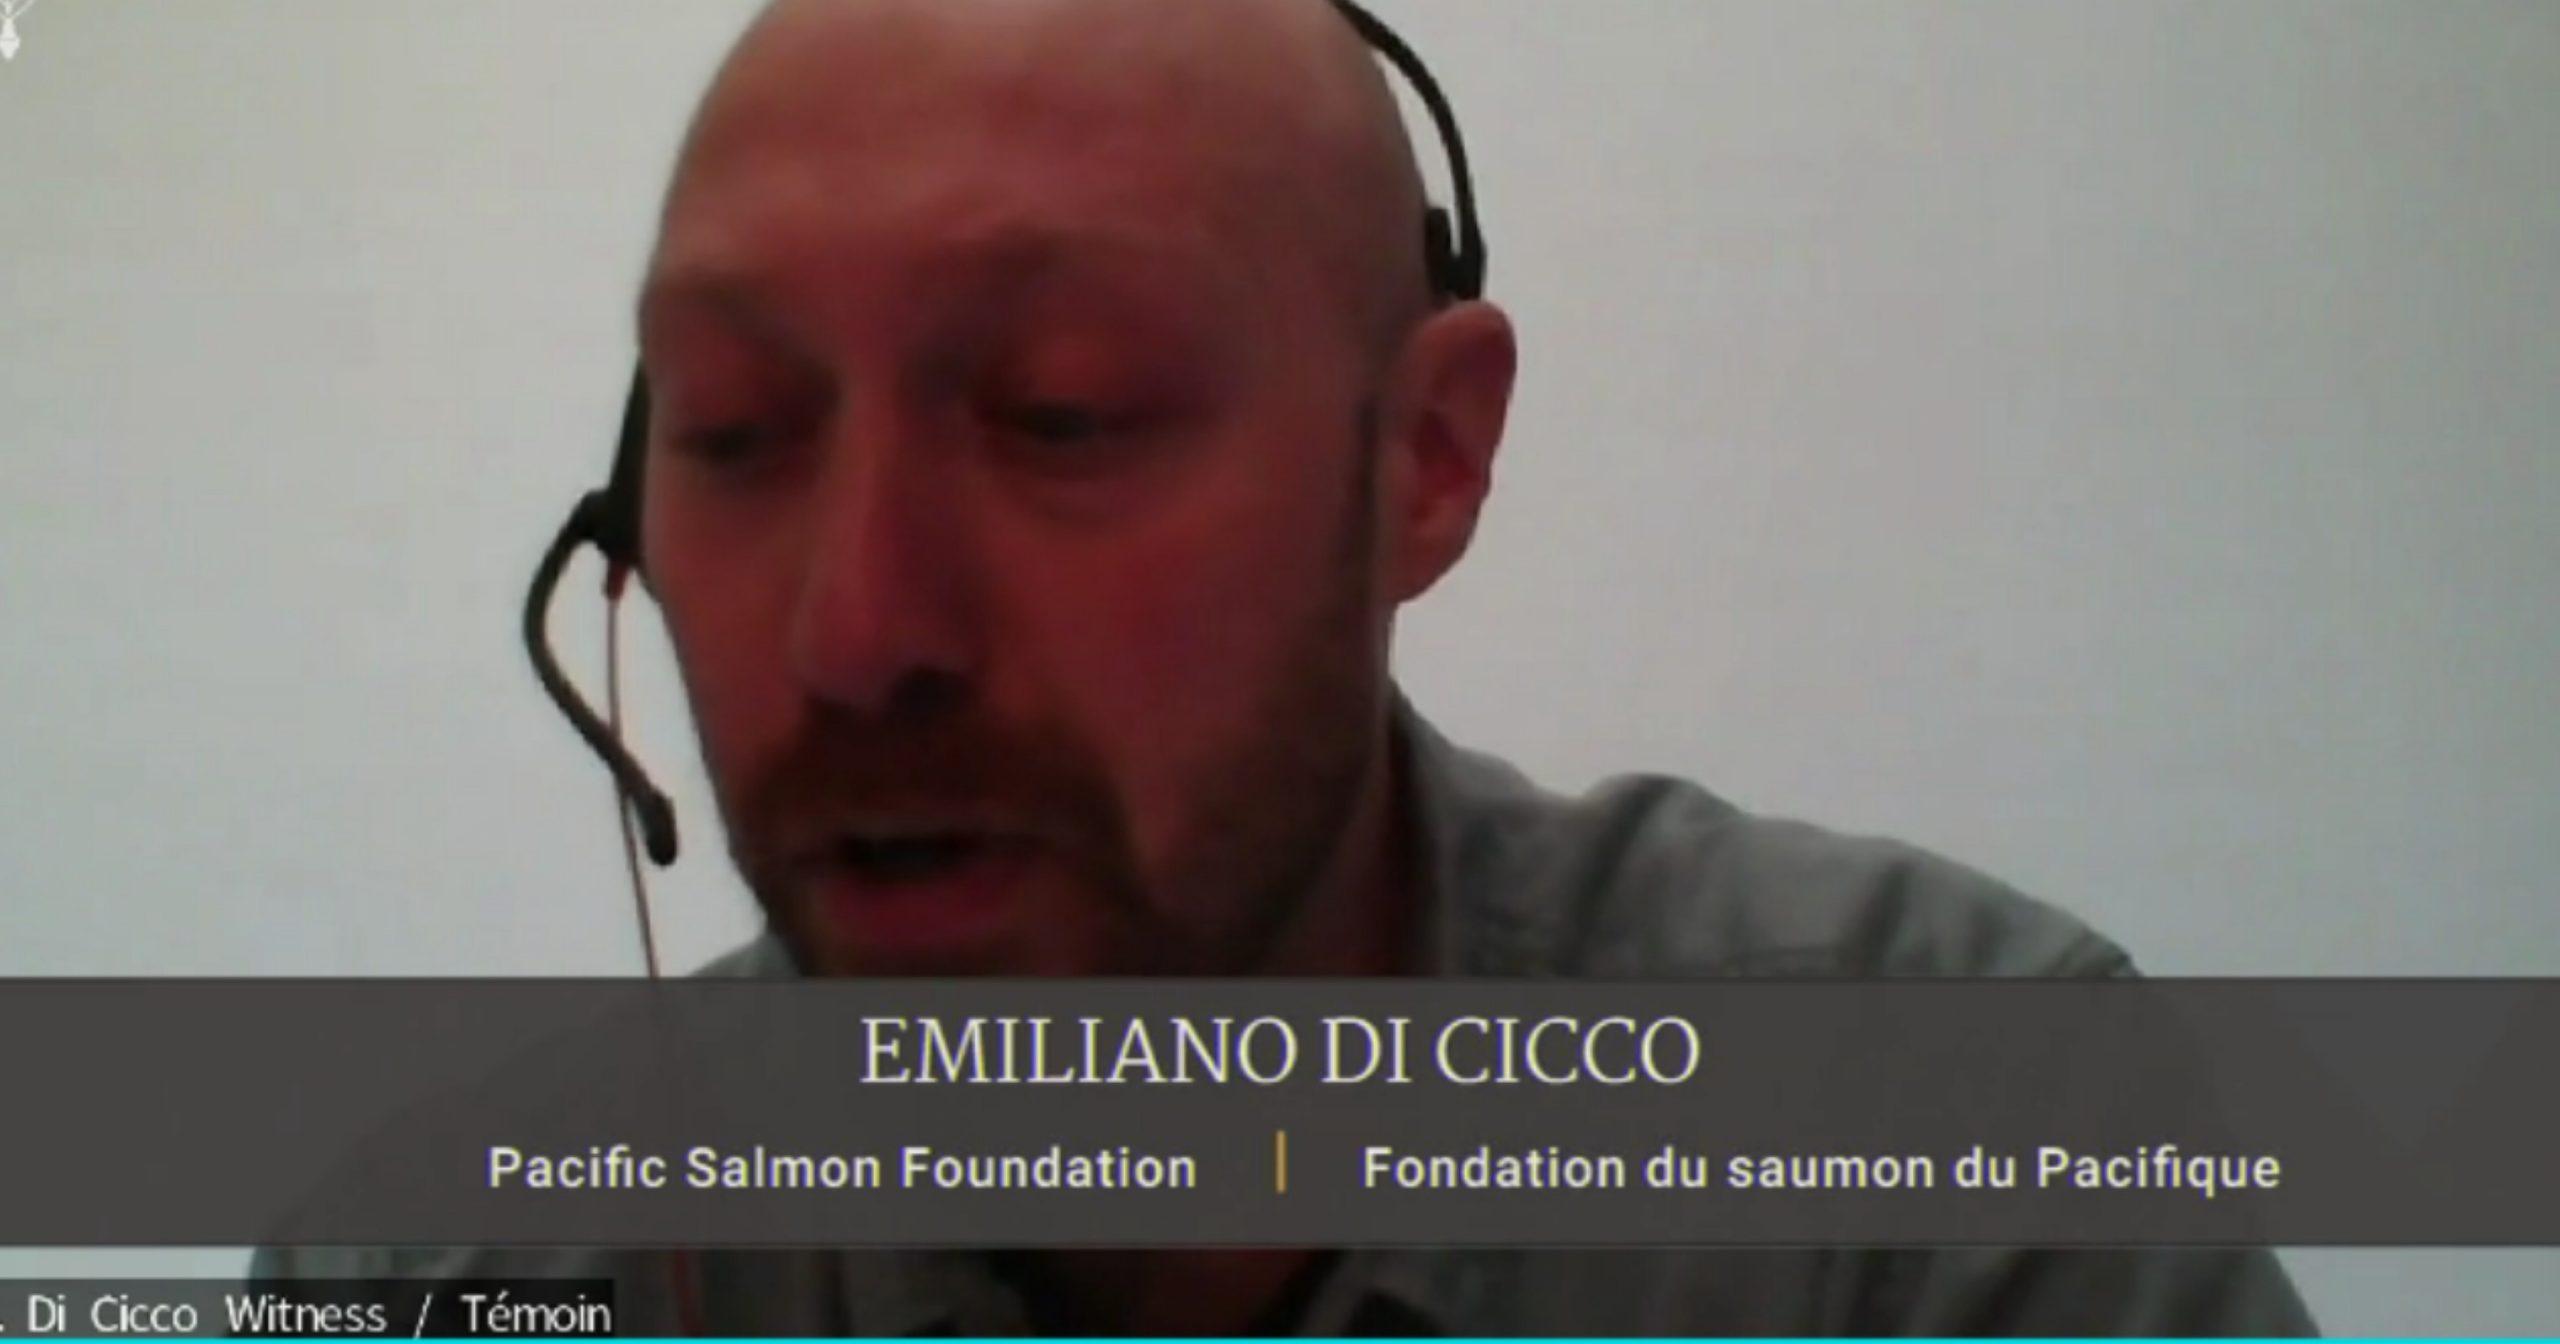 Dr. Emiliano Di Cicco